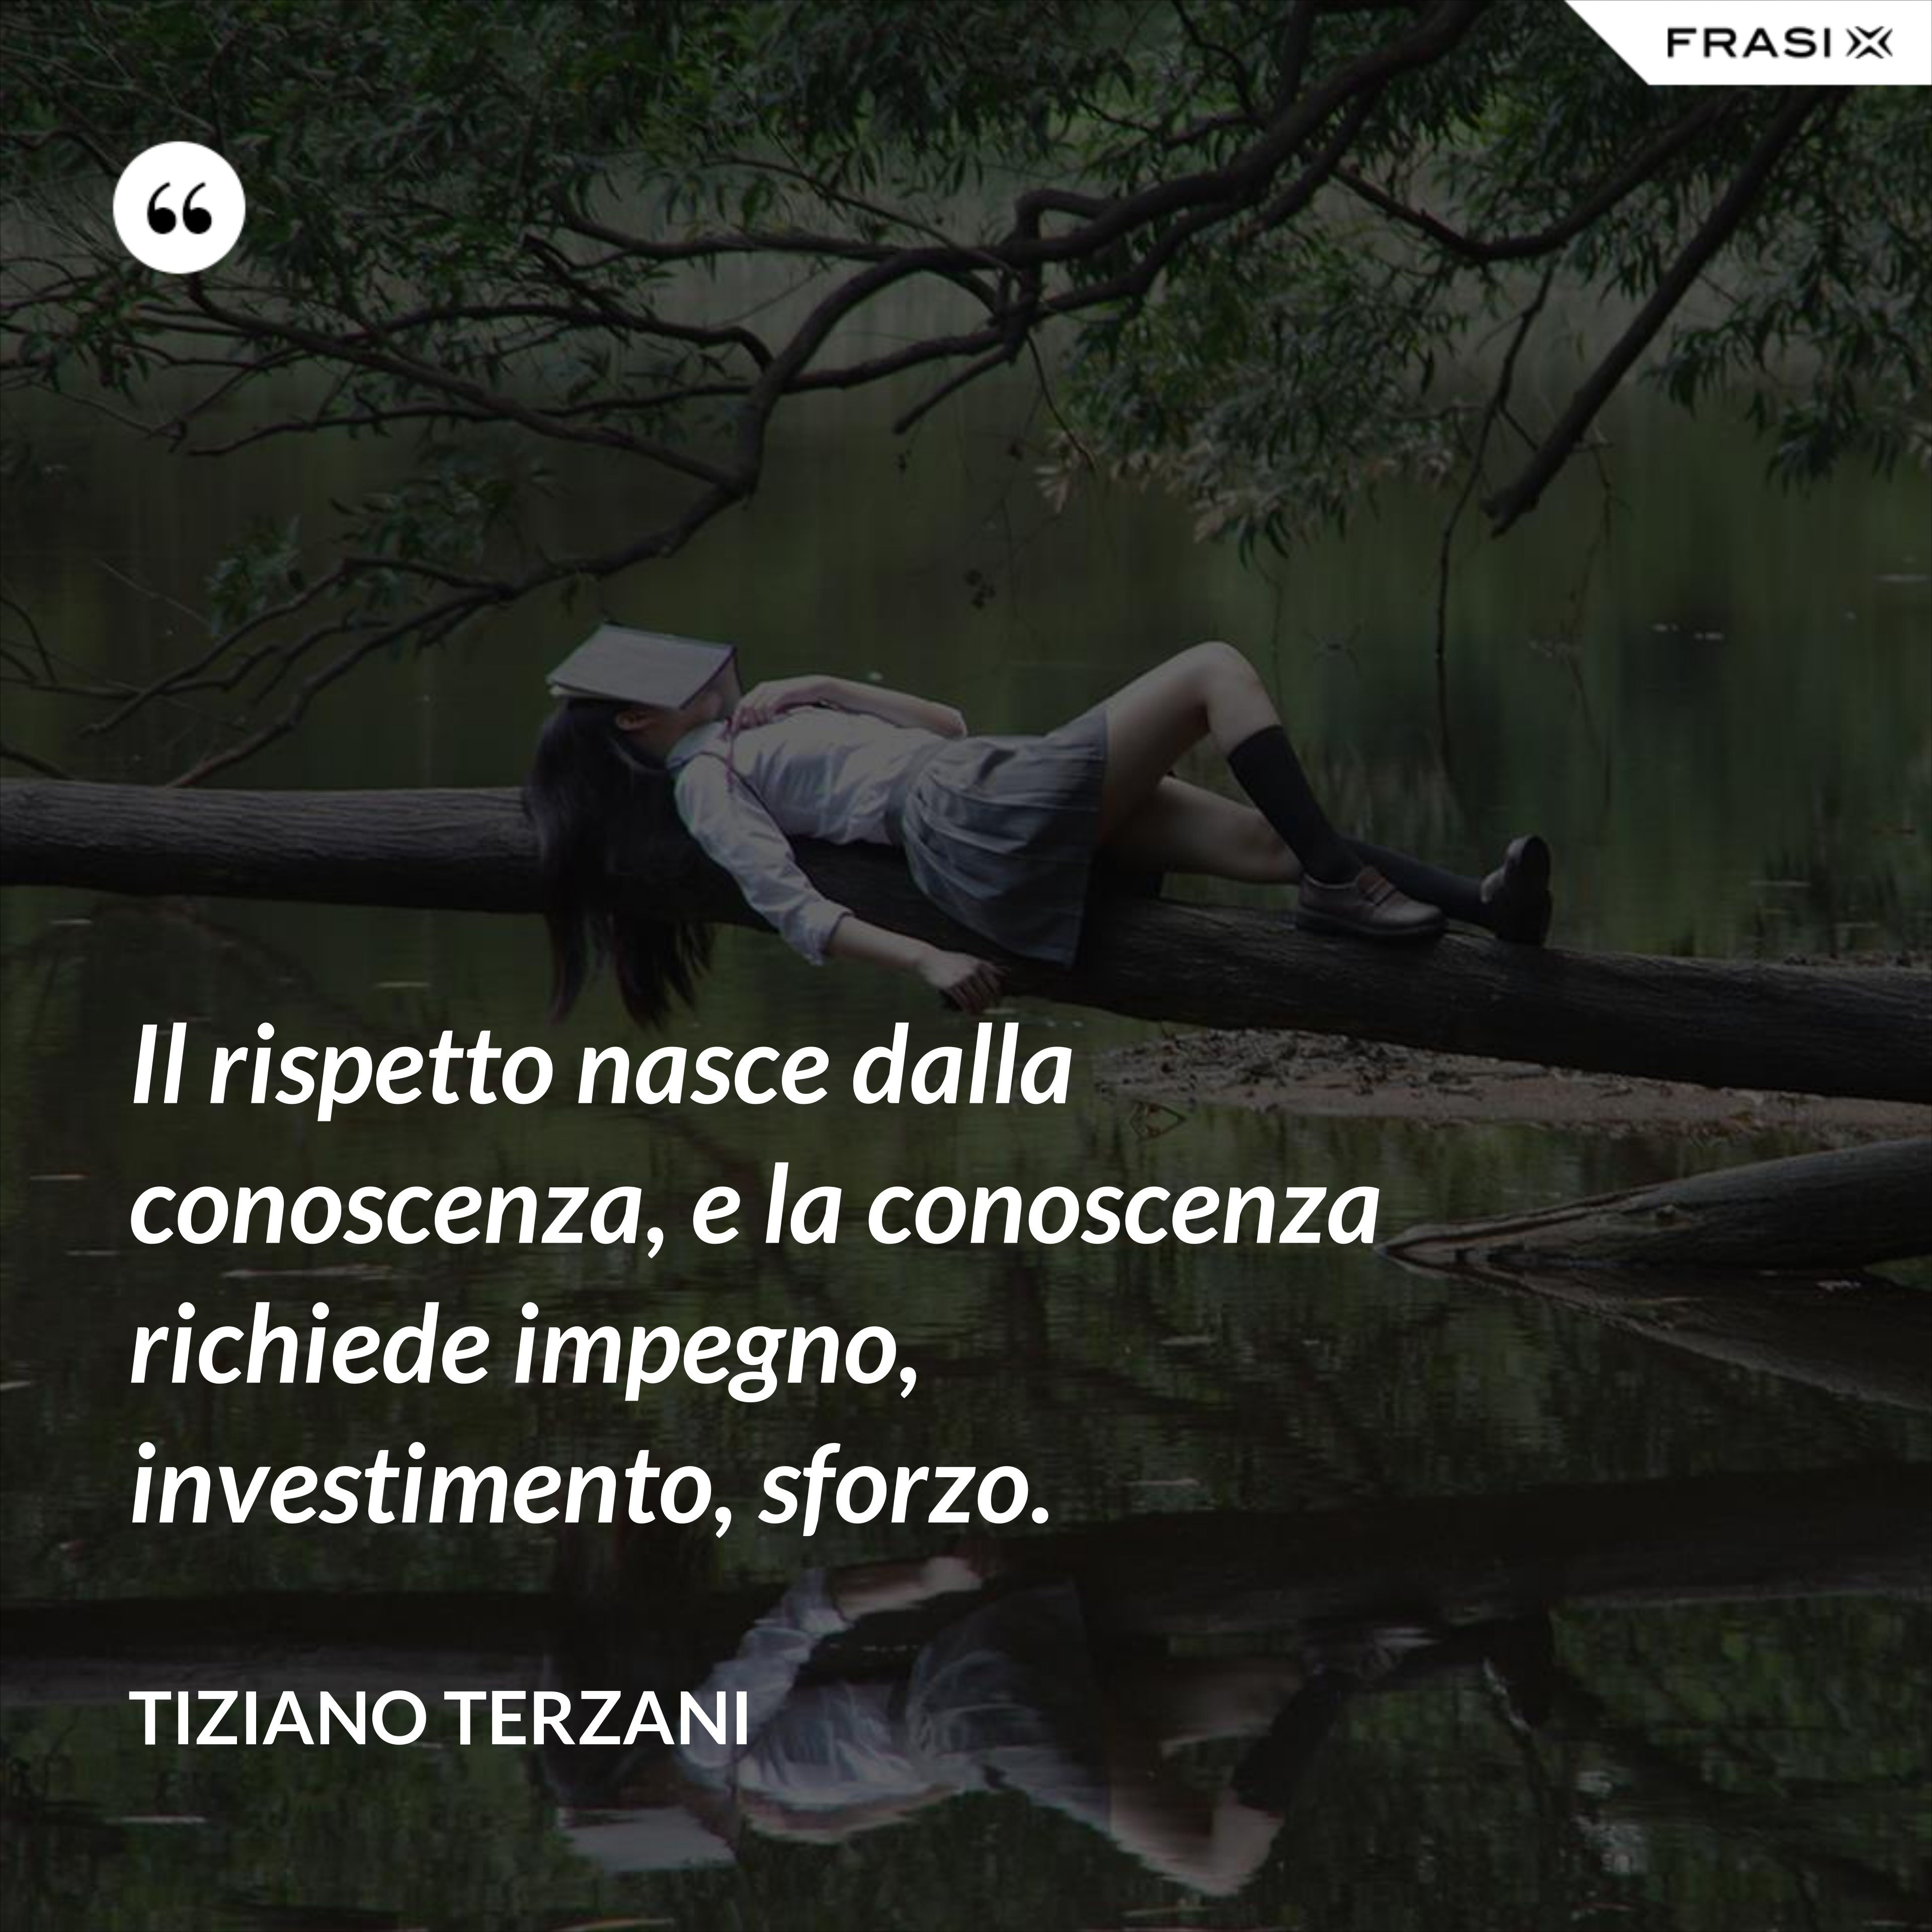 Il rispetto nasce dalla conoscenza, e la conoscenza richiede impegno, investimento, sforzo. - Tiziano Terzani